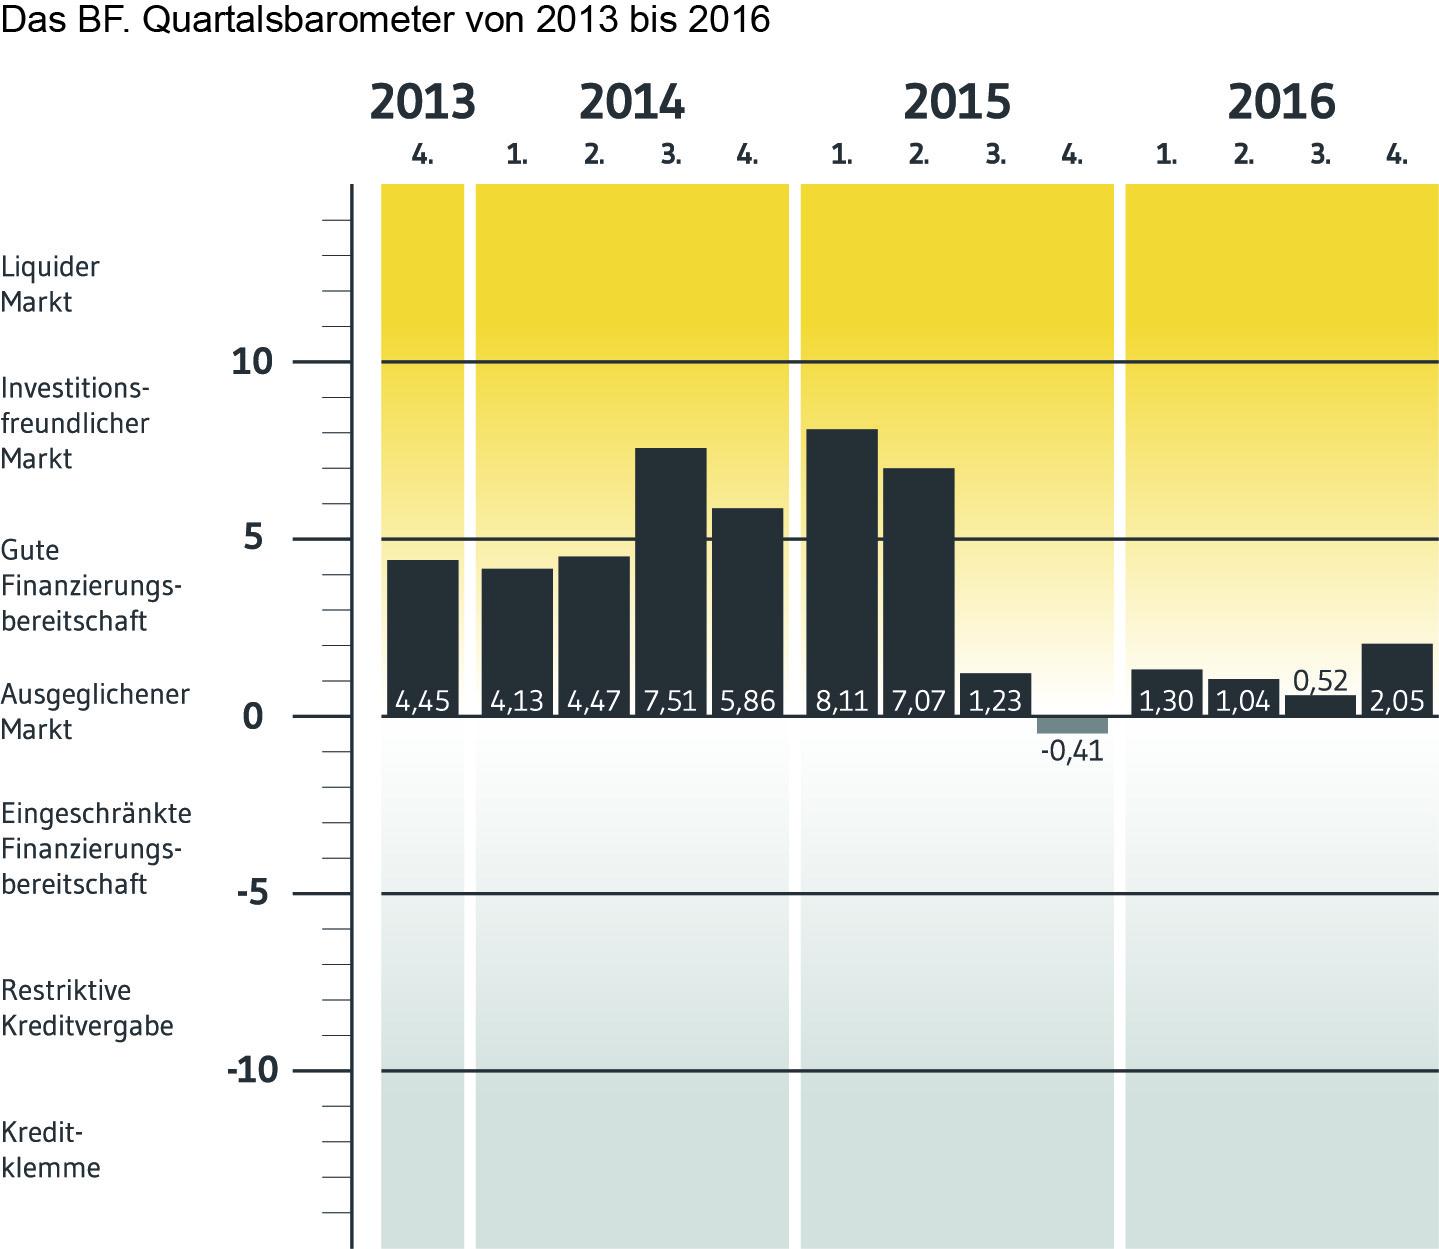 BF Direkt-AG-Quartalsbarometer 2013-2016 in Immobilienfinanzierer: Positive Erwartungen ans vierte Quartal